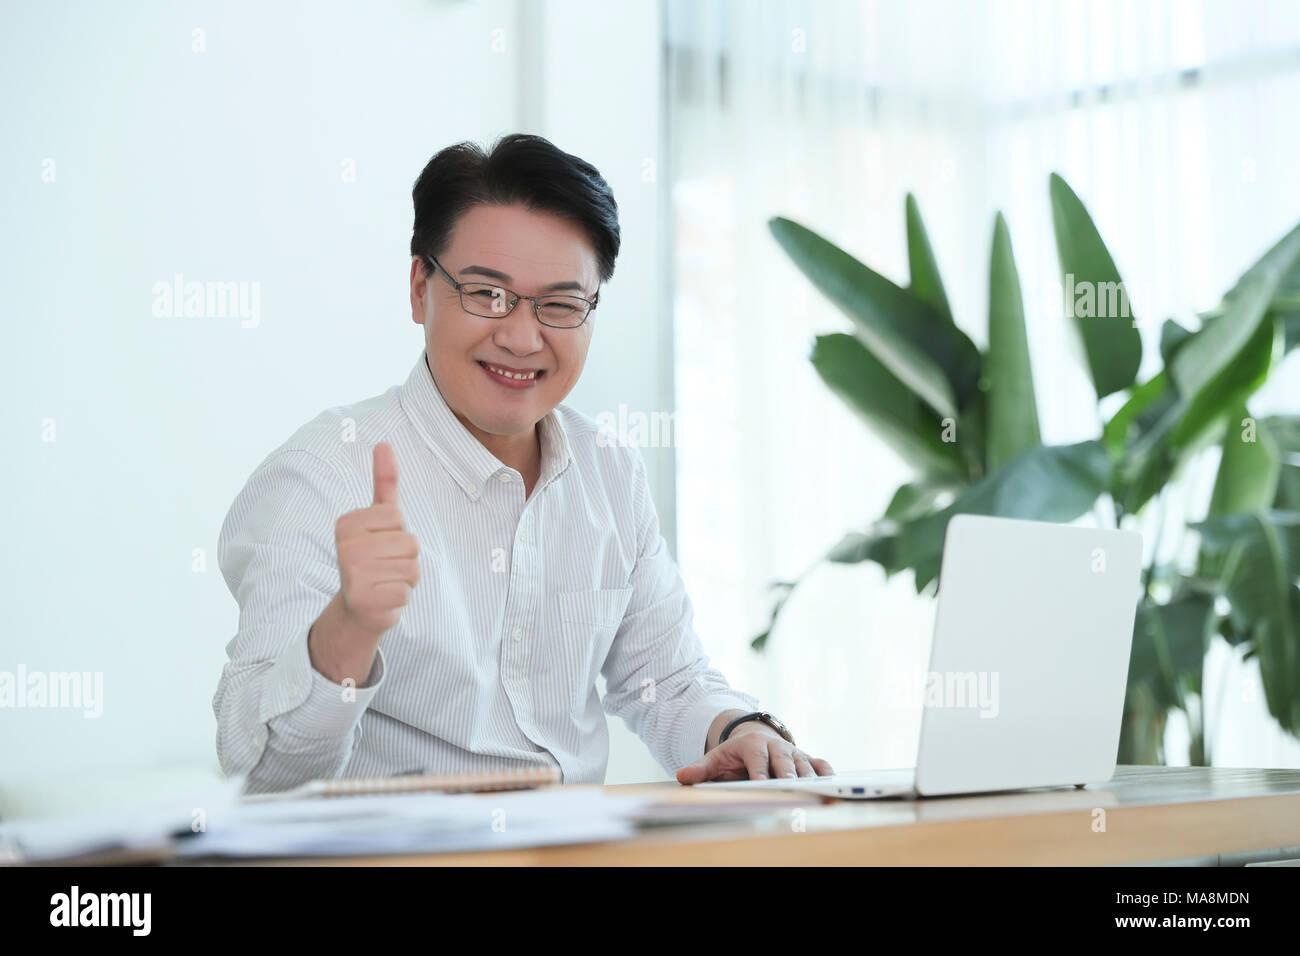 La vie d'un homme d'âge moyen concept photo. un homme d'âge moyen , le travail quotidien et les loisirs. 049 Photo Stock